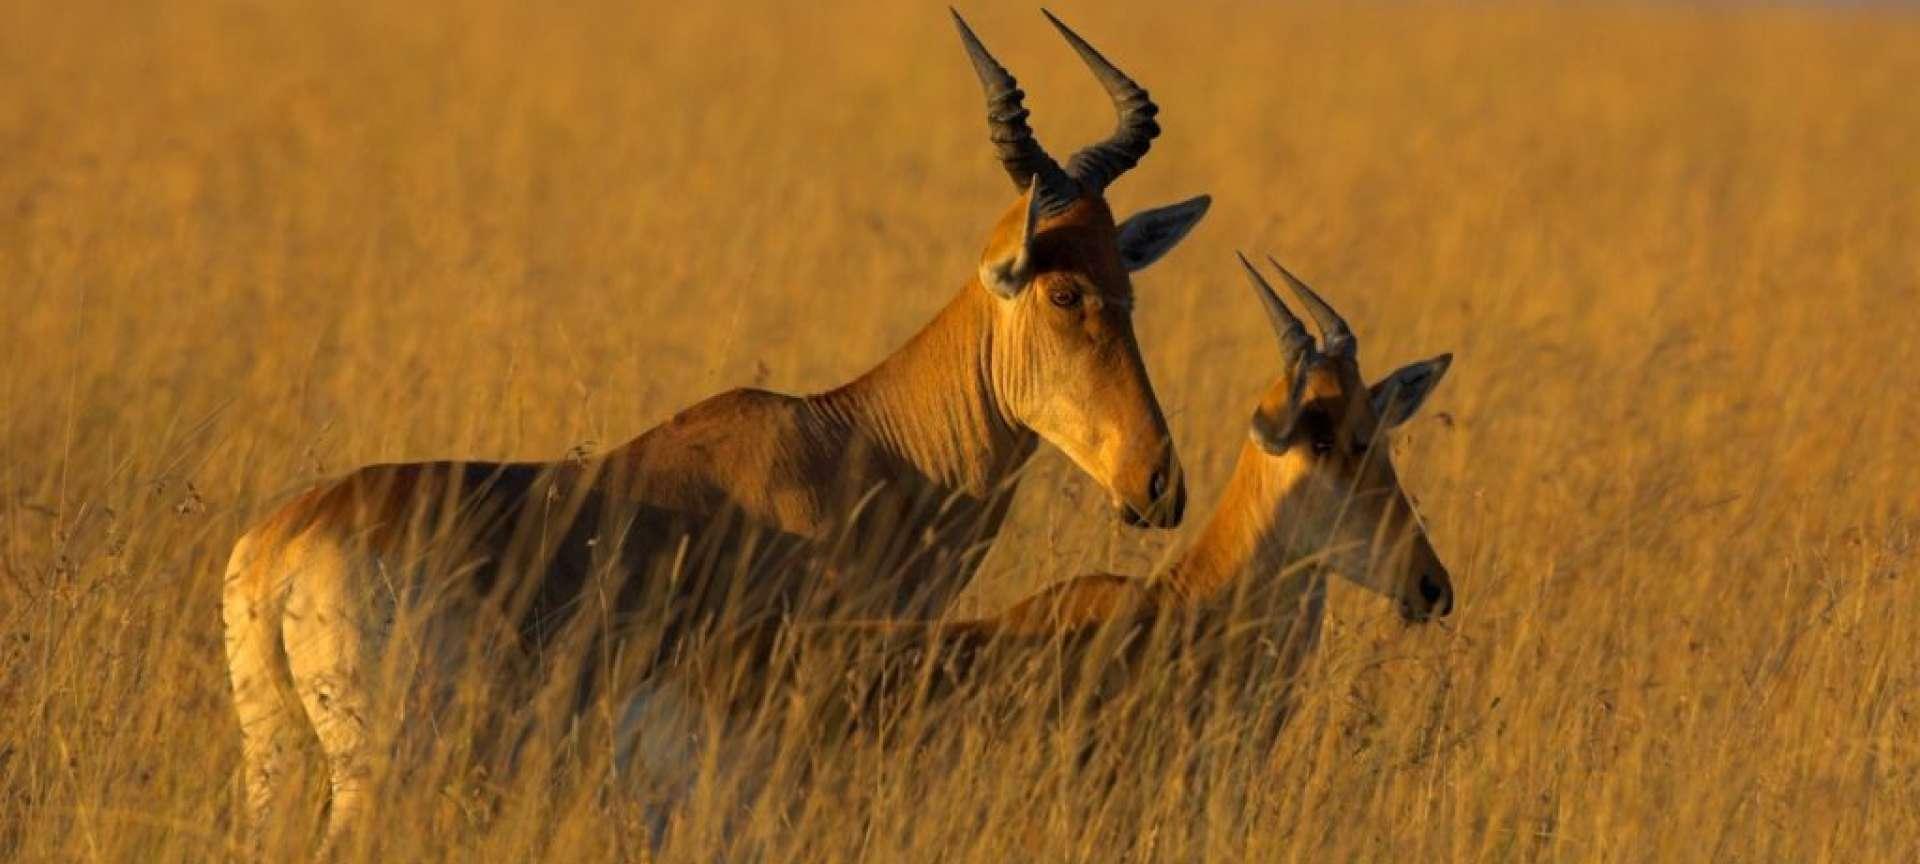 Mkomazi - Africa Wildlife Safaris